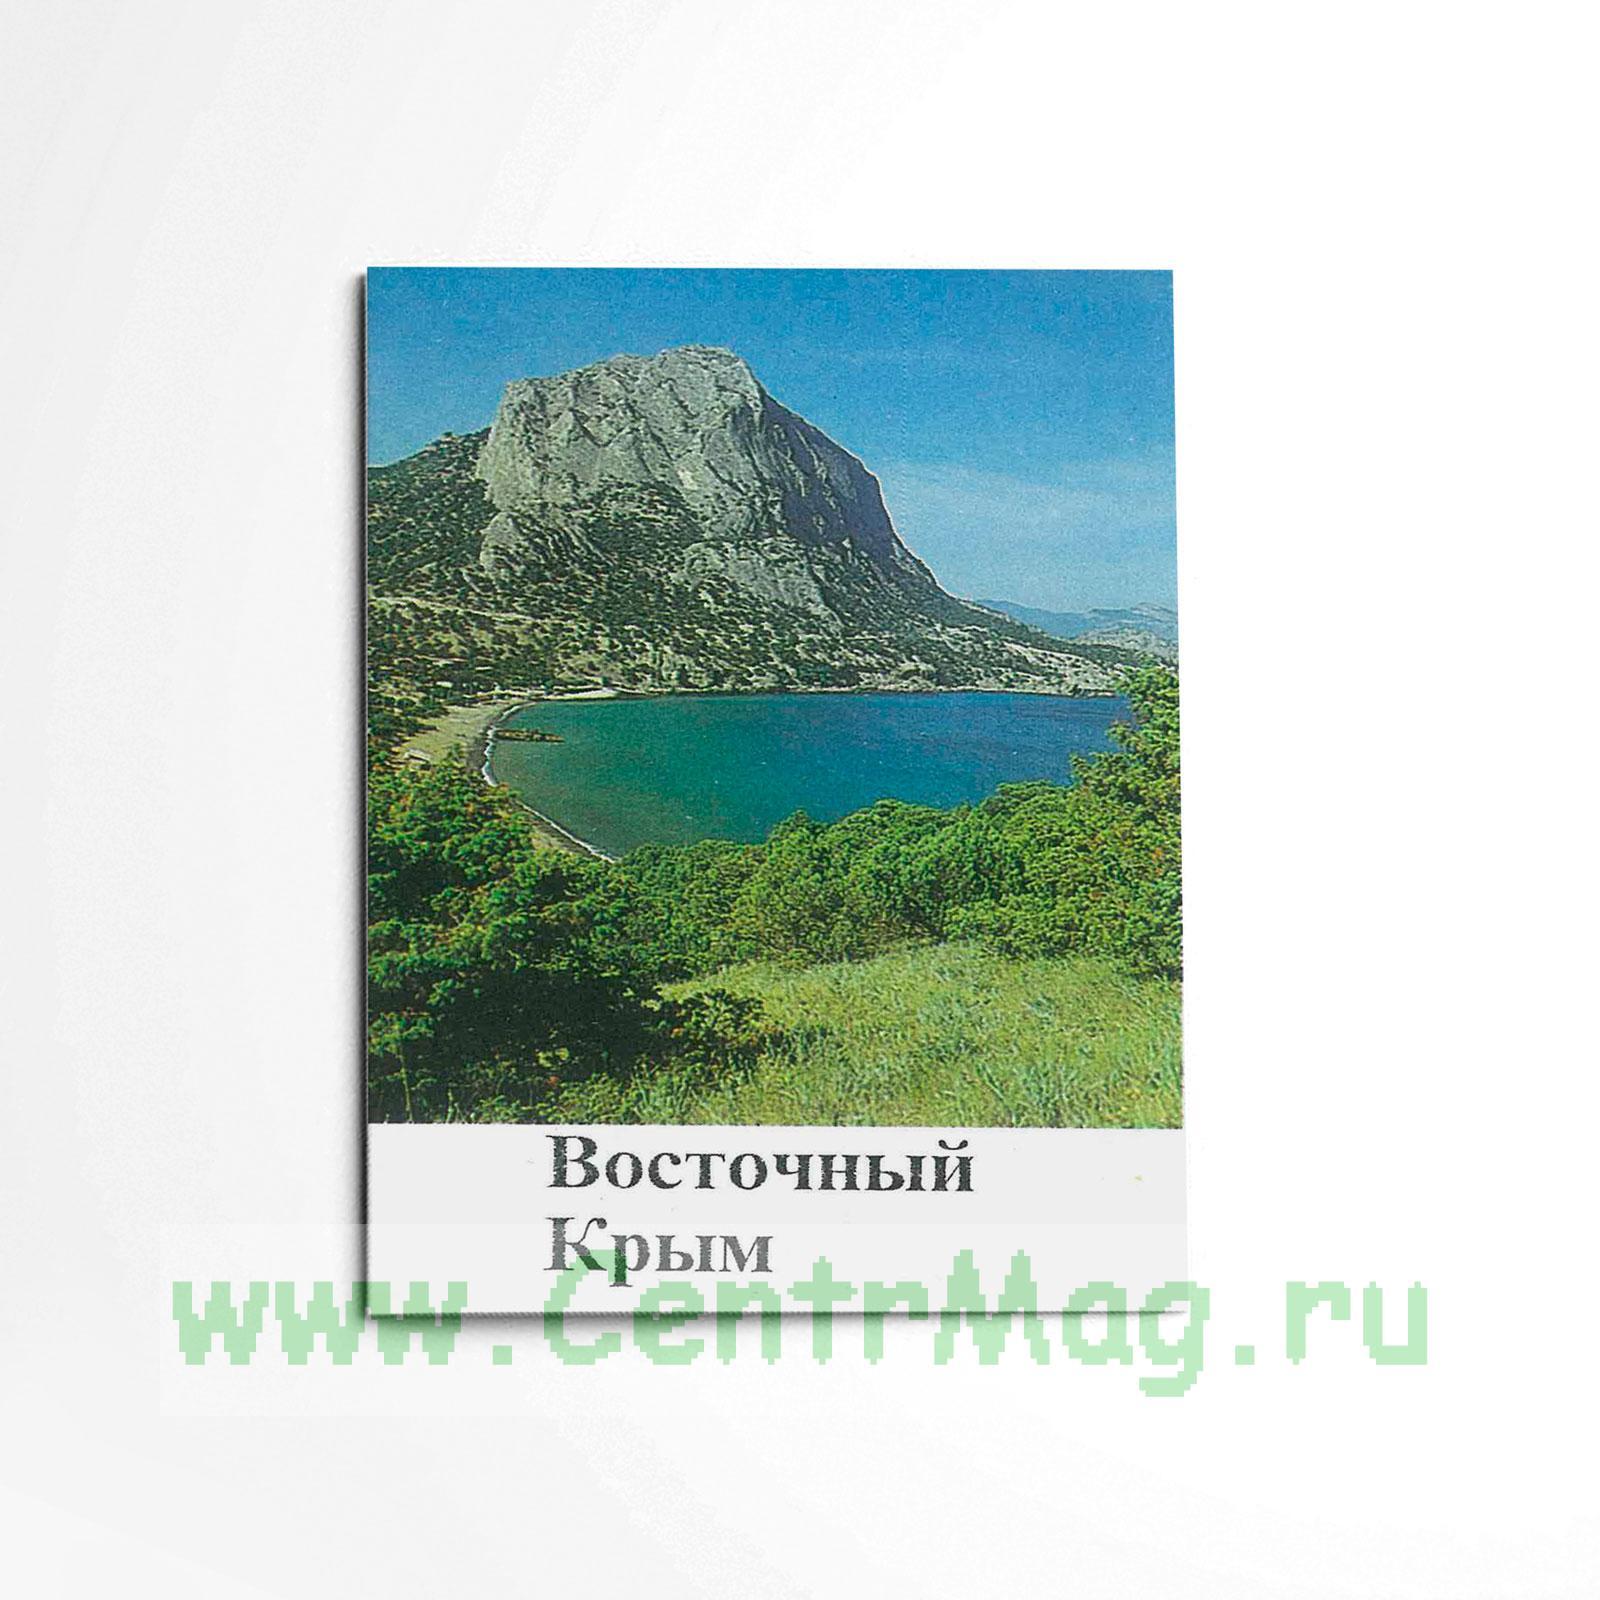 Восточный Крым. Буклет